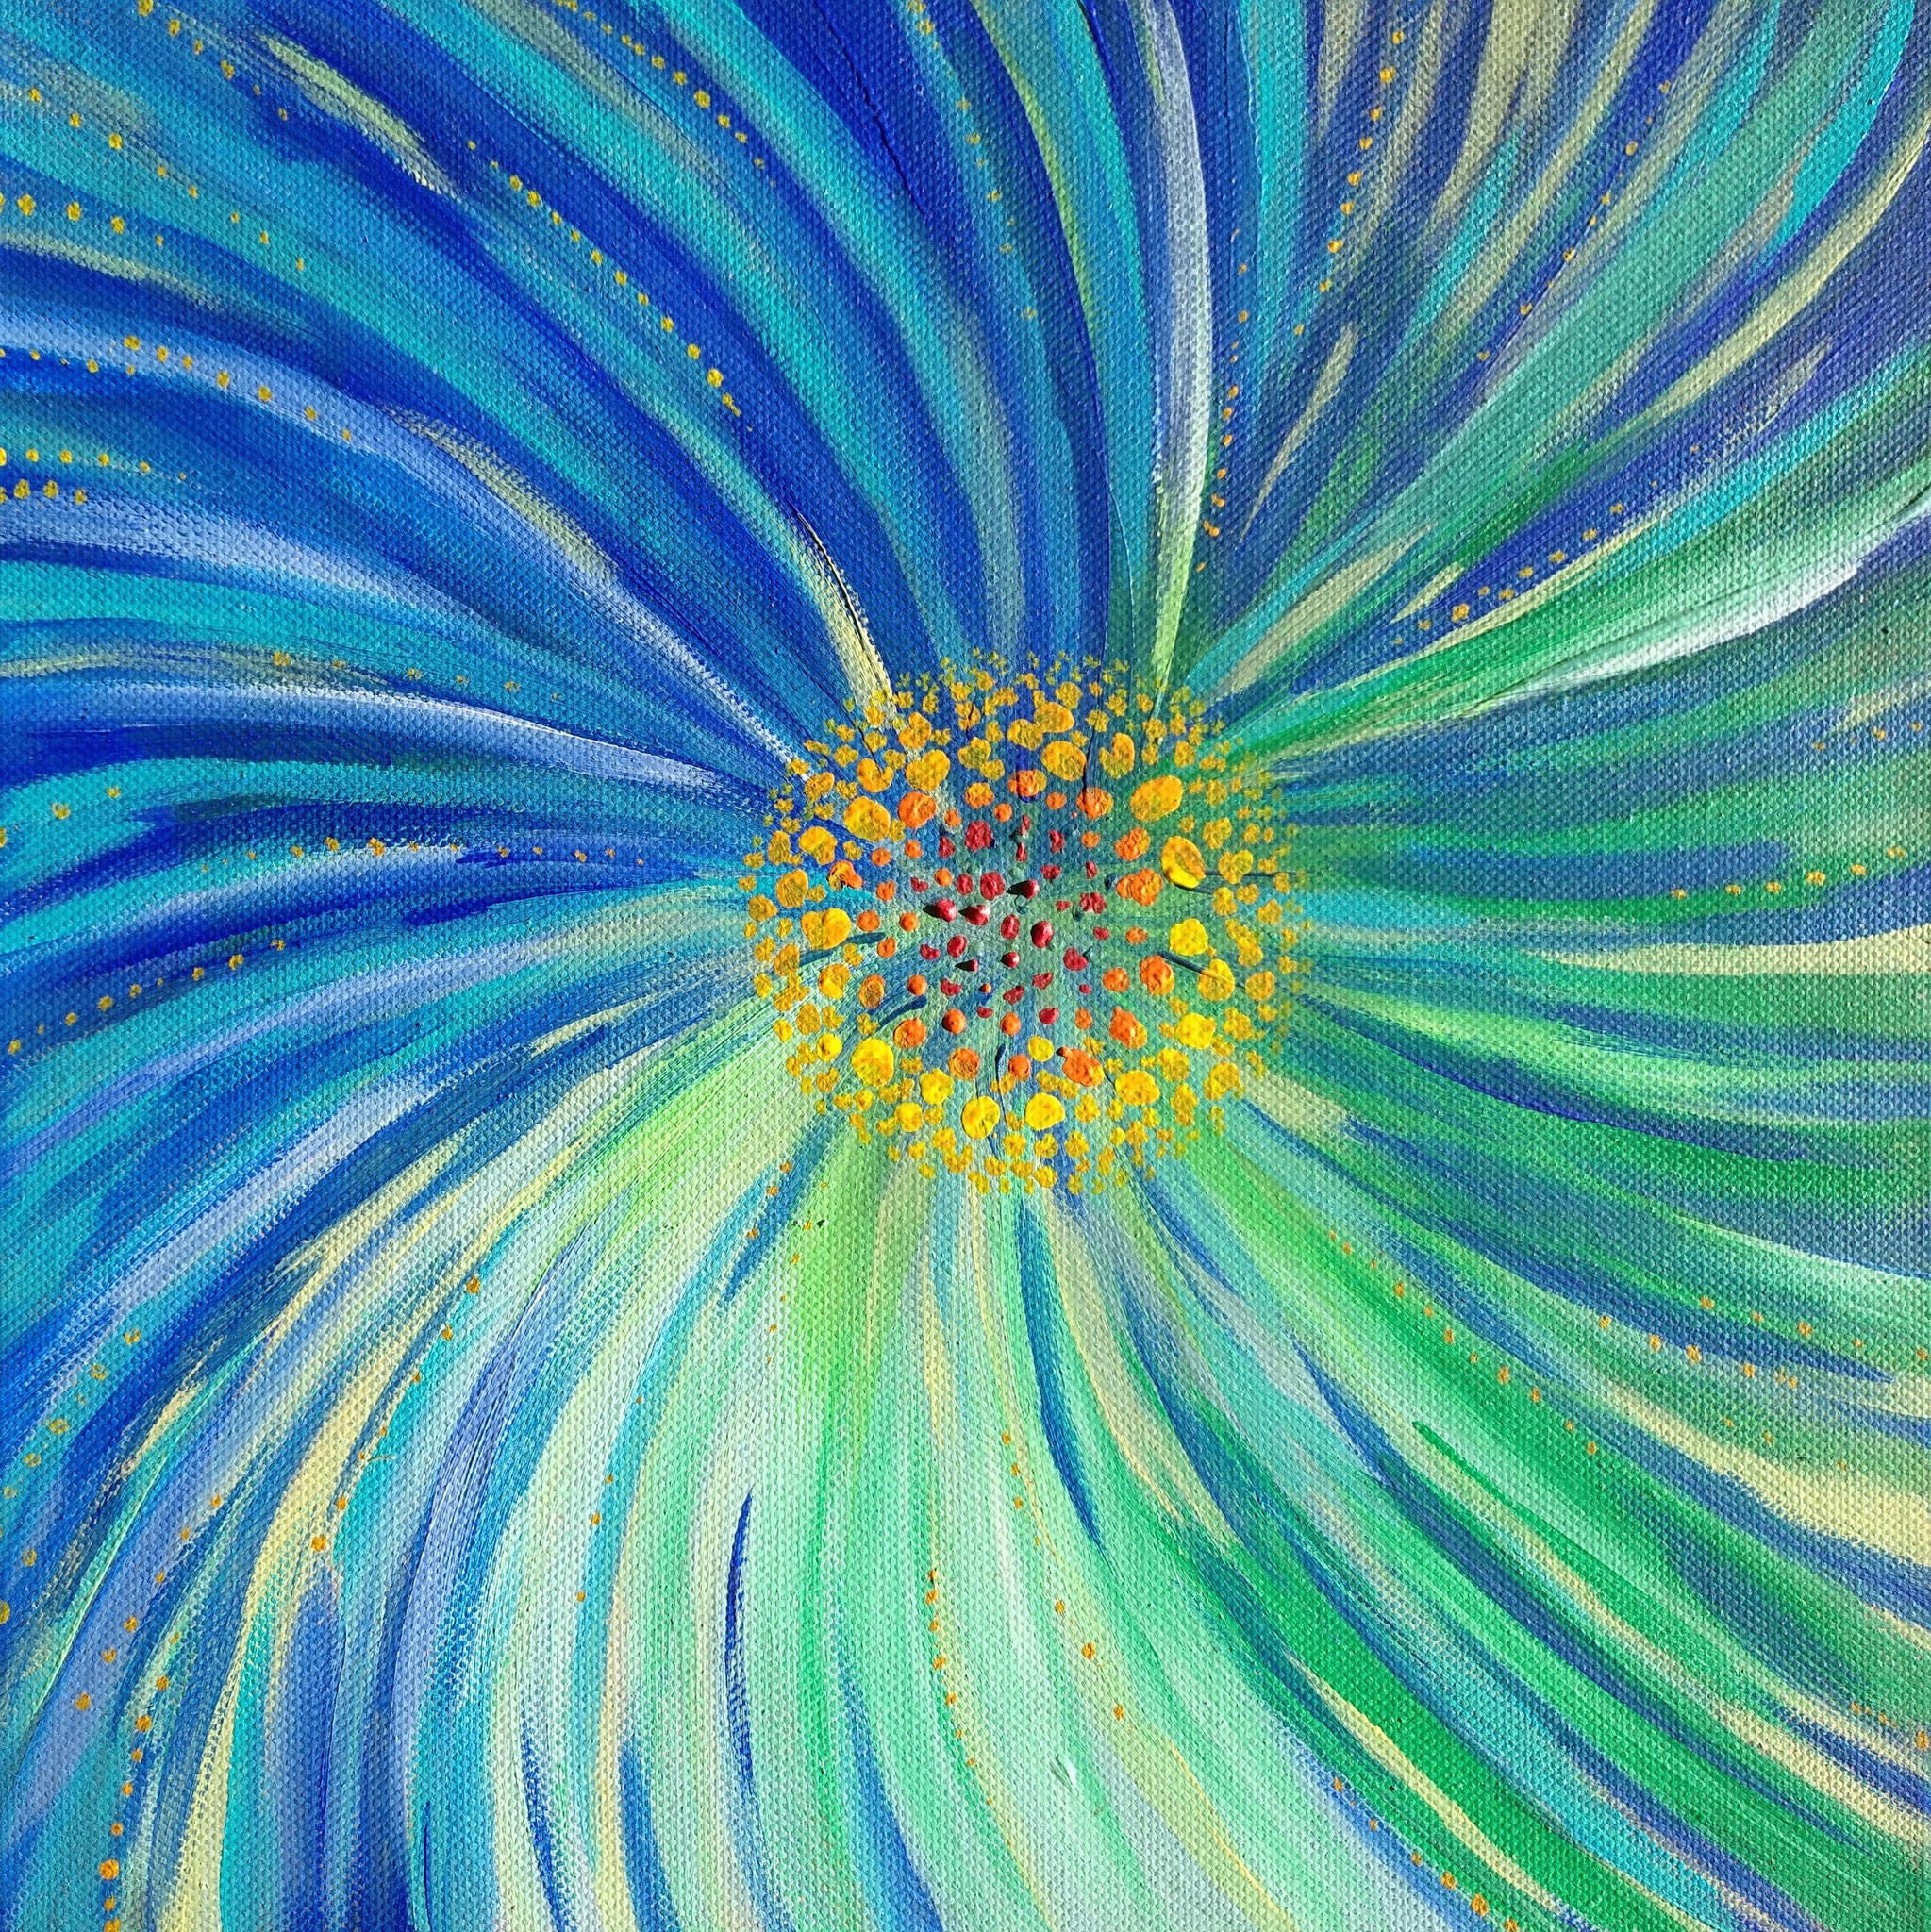 Blüte - 30 x 30 - Acryl auf Leinwand - verkauft